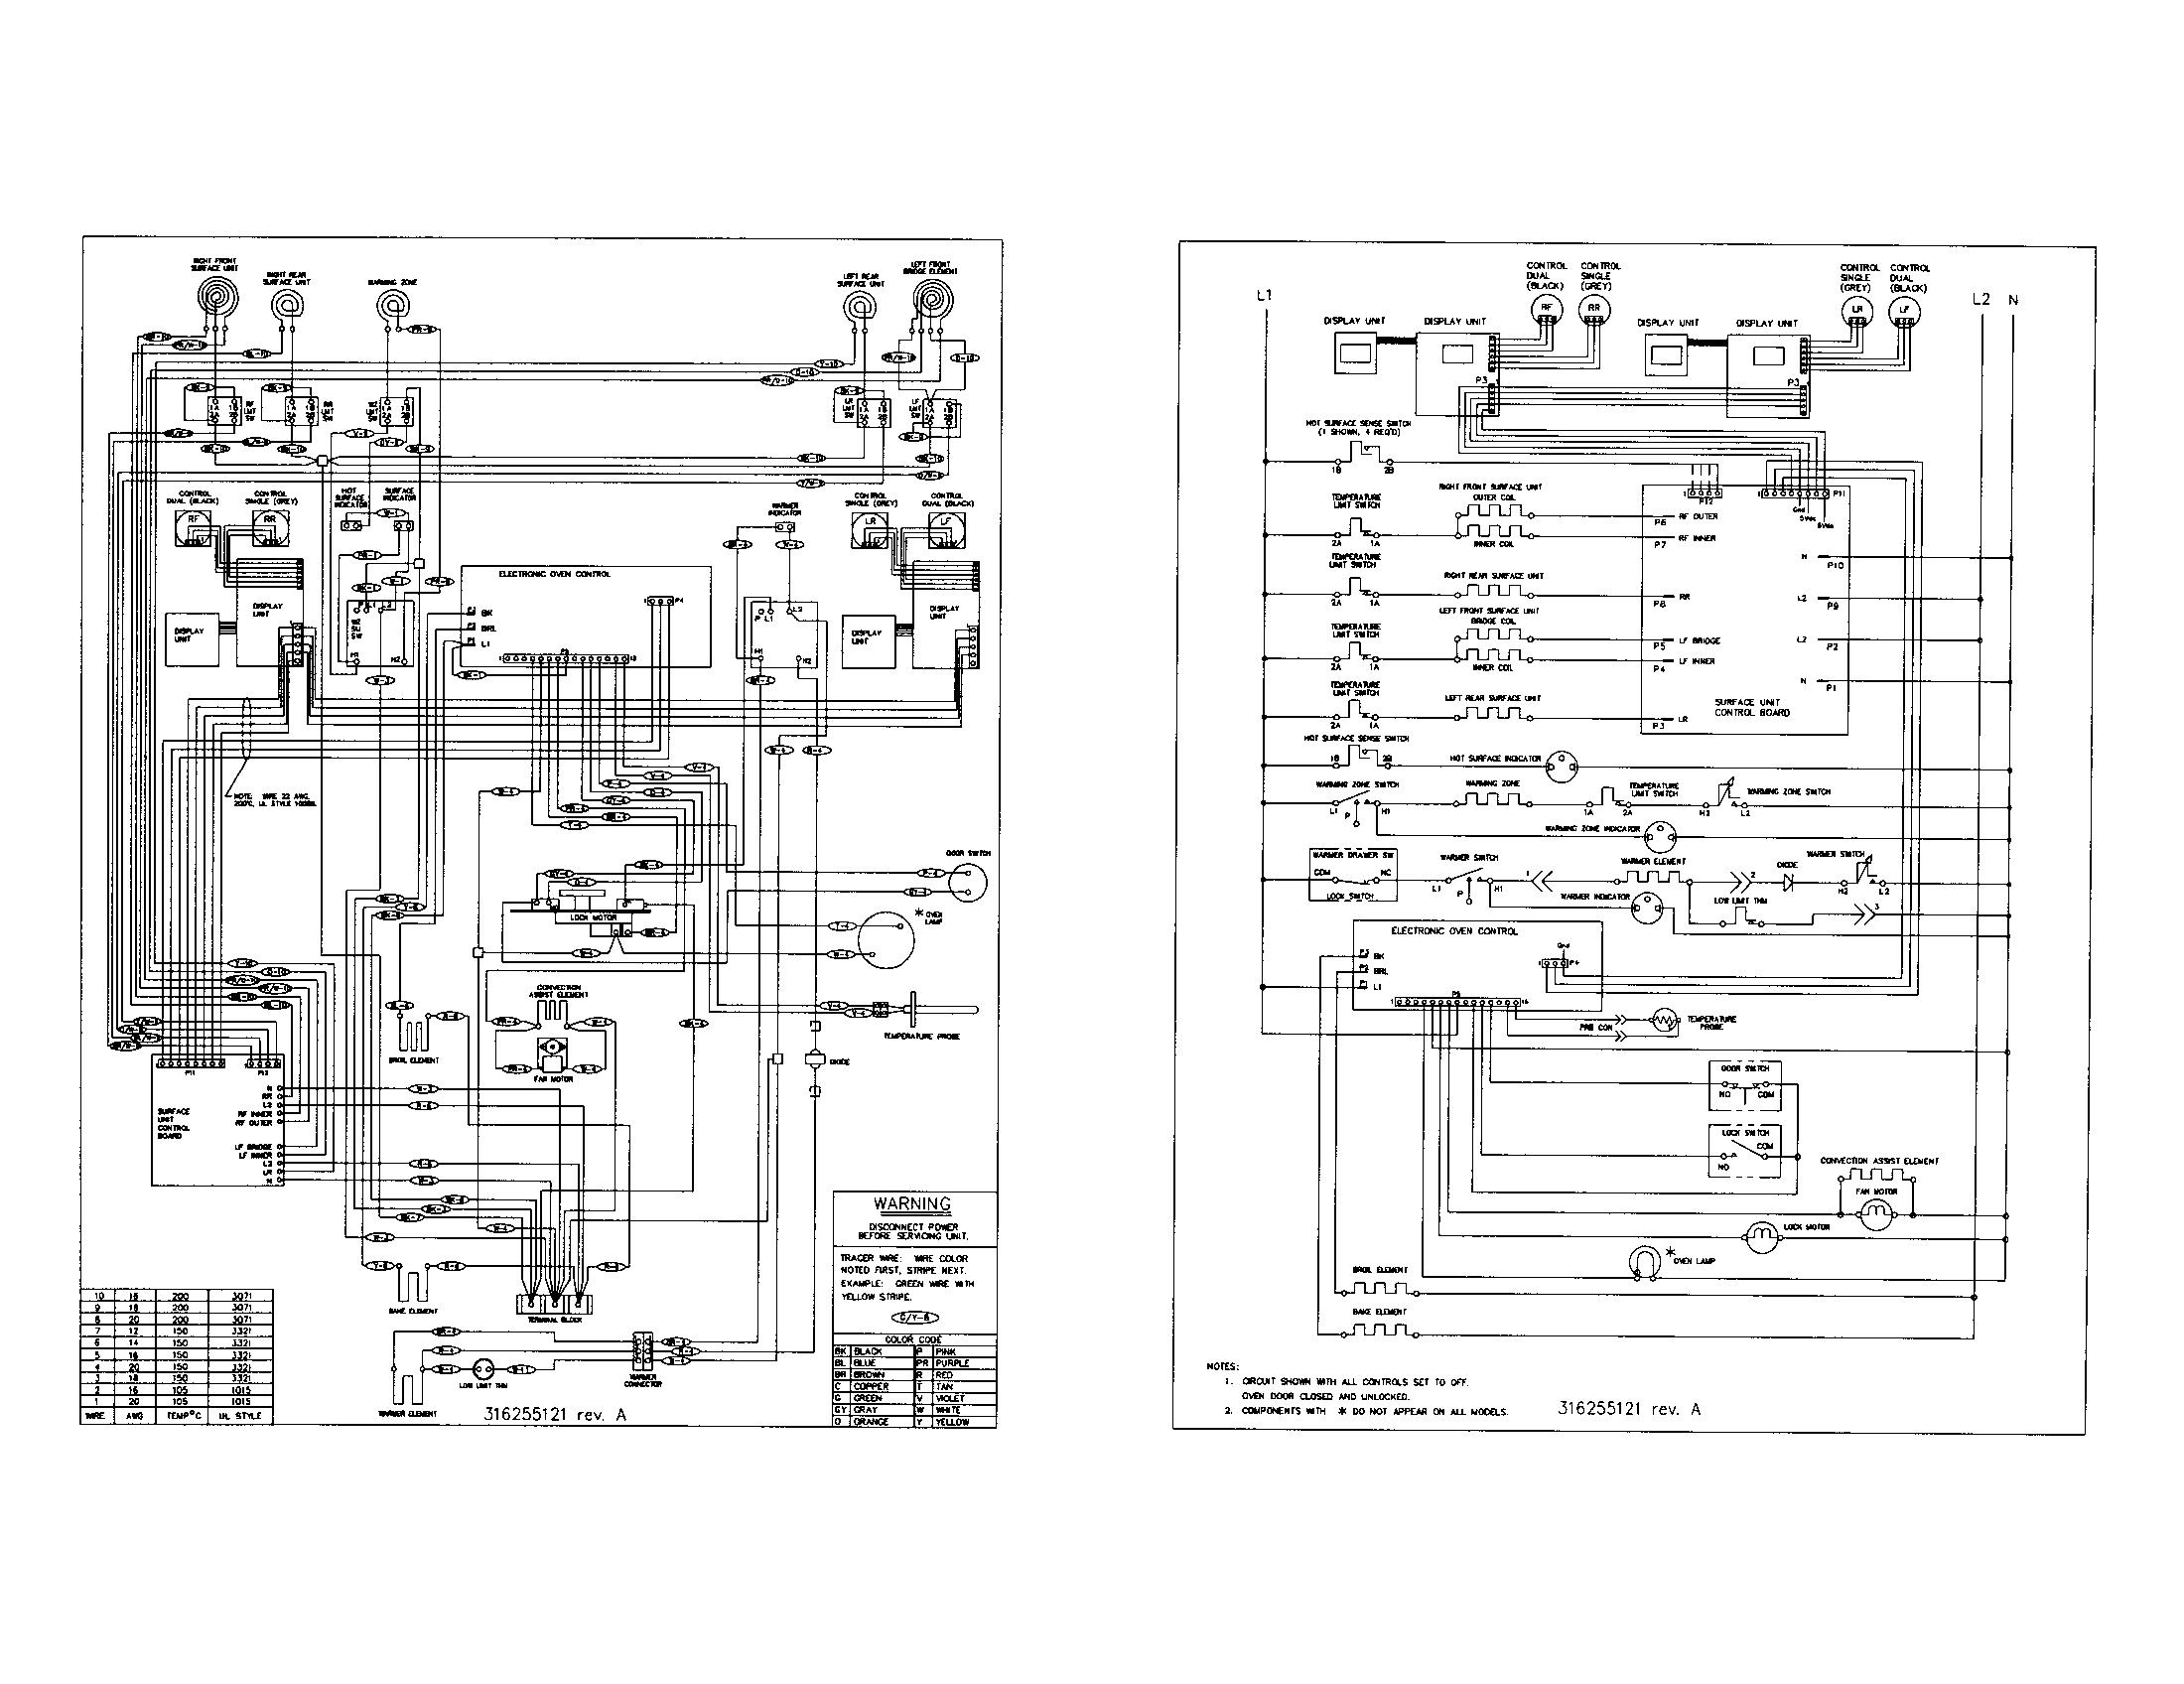 Robert S Oven Wiring Diagram Audio Wire Harness Diagram 1999 Camry – Lionel Gp20 Wiring Schematics Engine